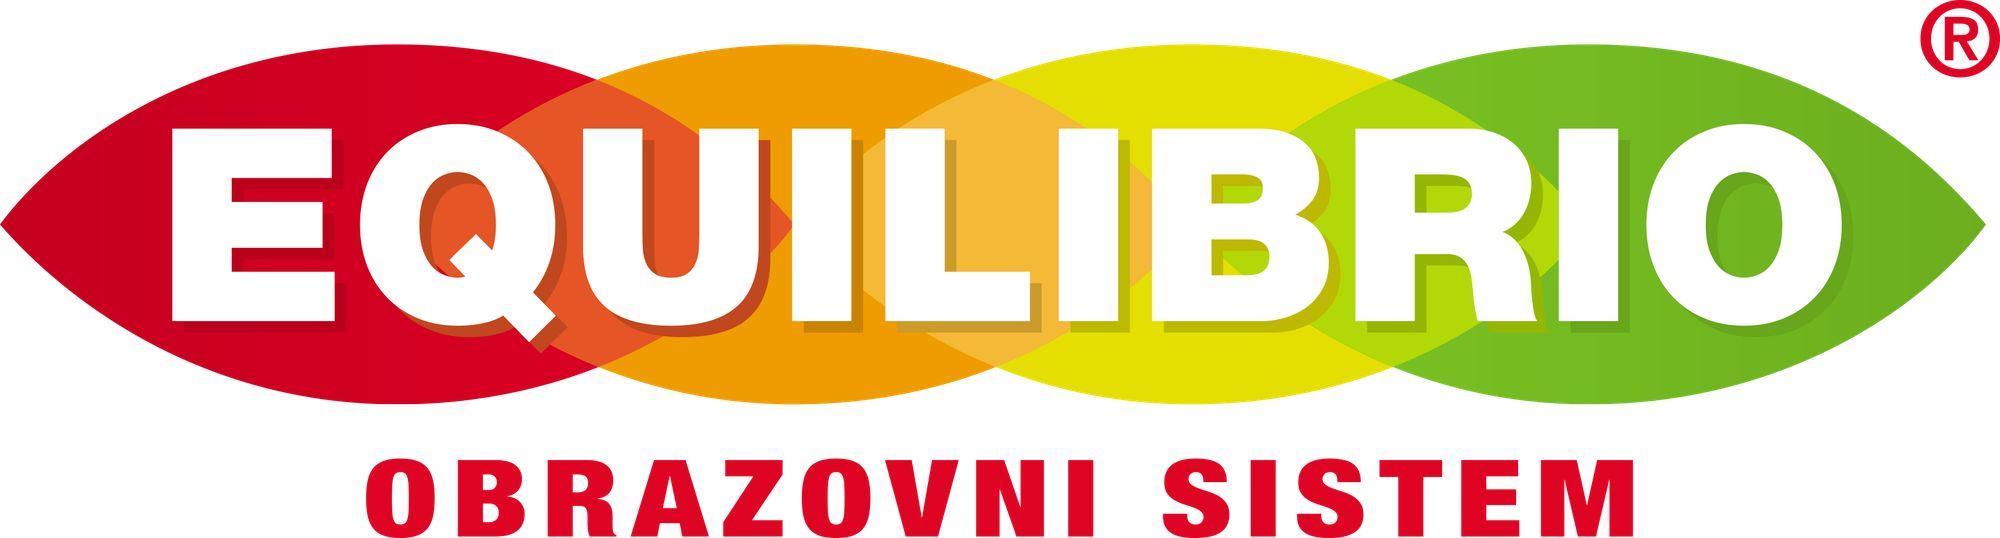 EQUILIBRIO - Obrazovni sistem